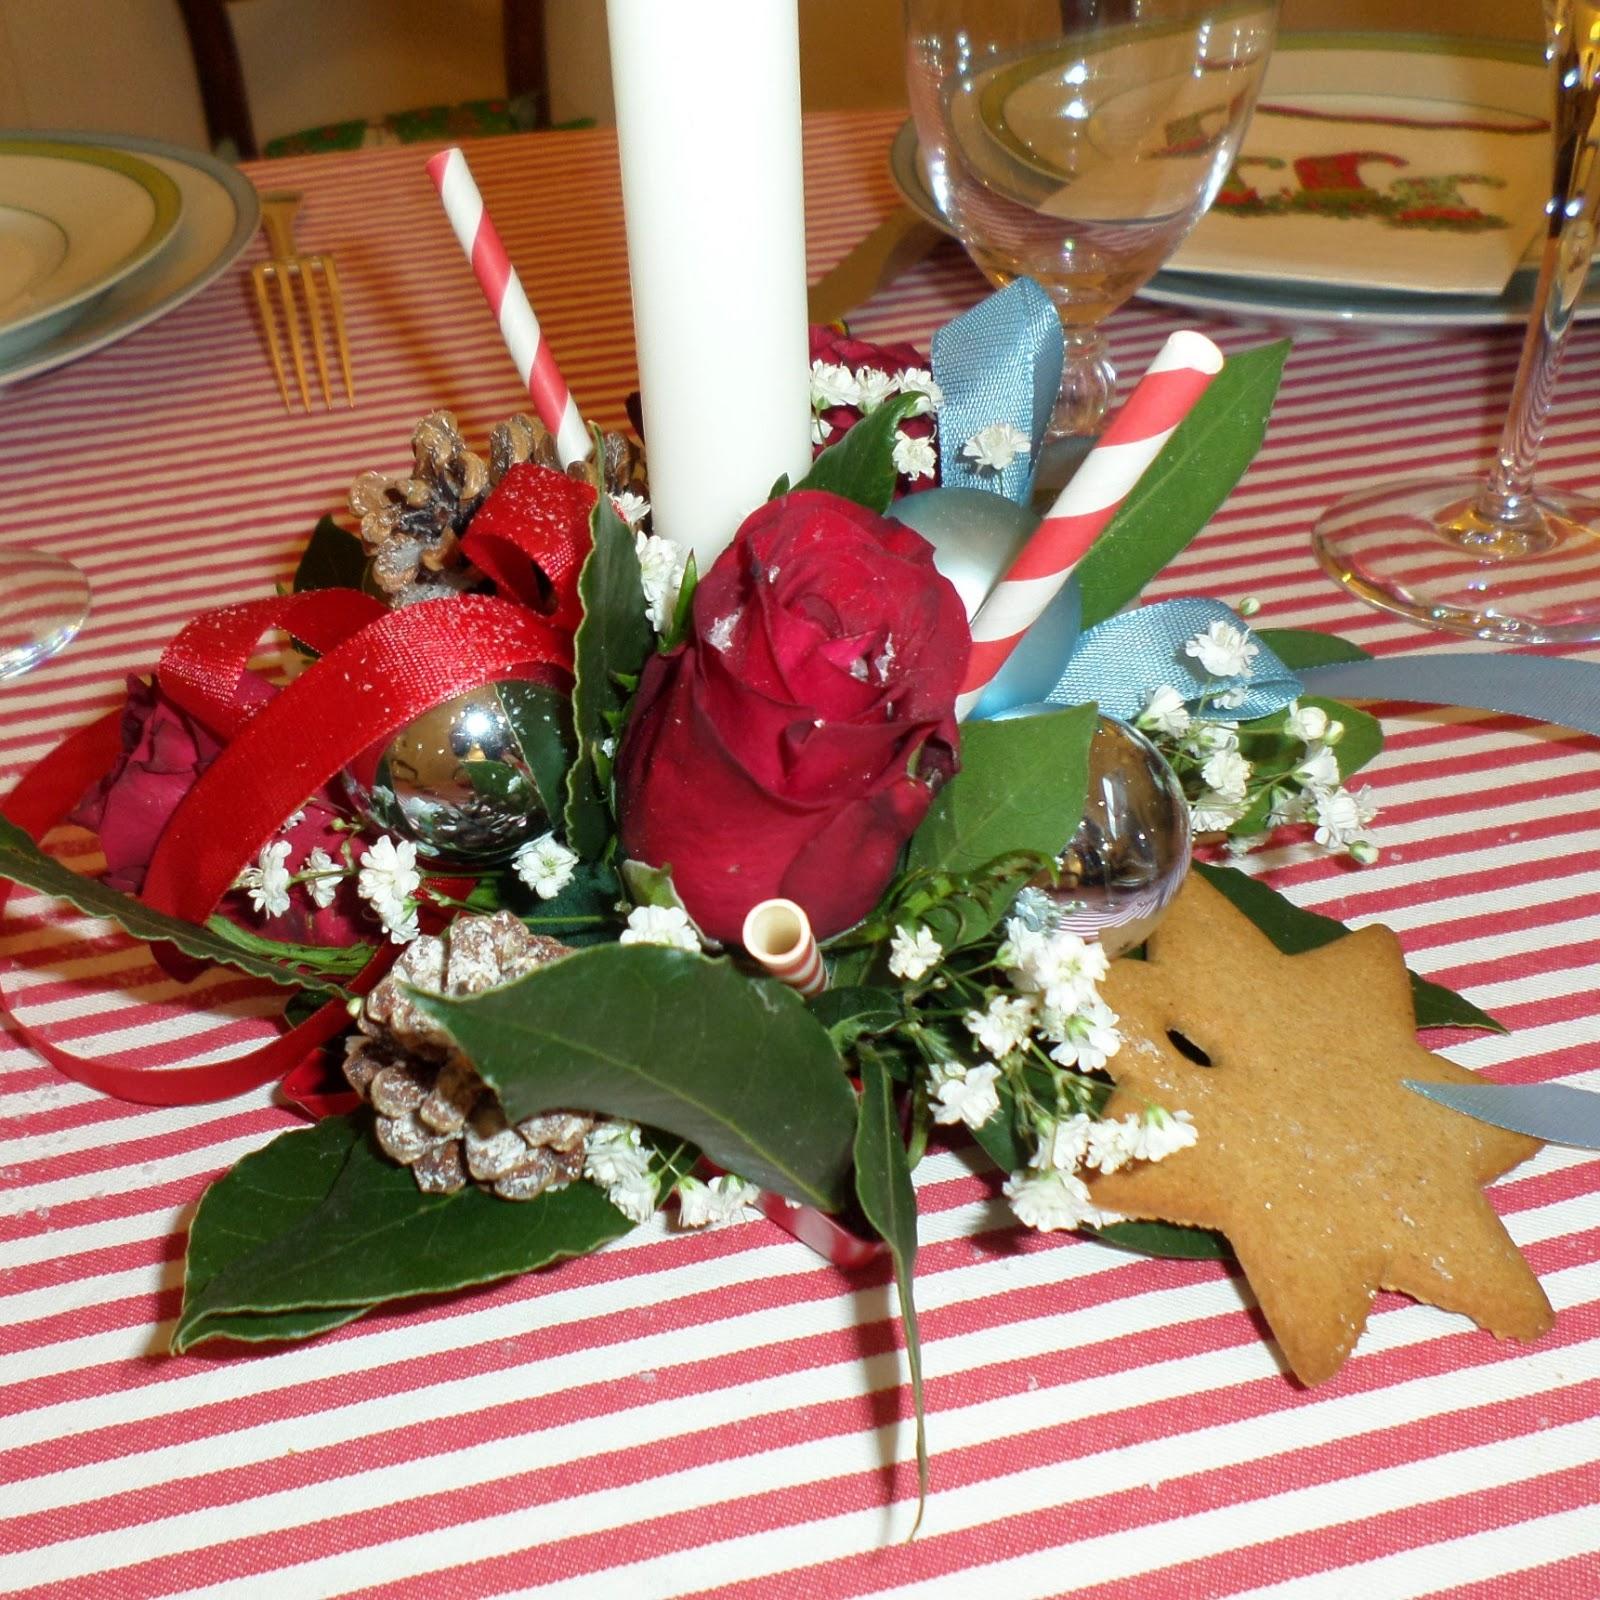 #A92230 Bleu Rouge Et Vert : Une Table De St Nicolas Aux Couleurs  6183 decoration de table de noel en rouge et vert 1600x1600 px @ aertt.com